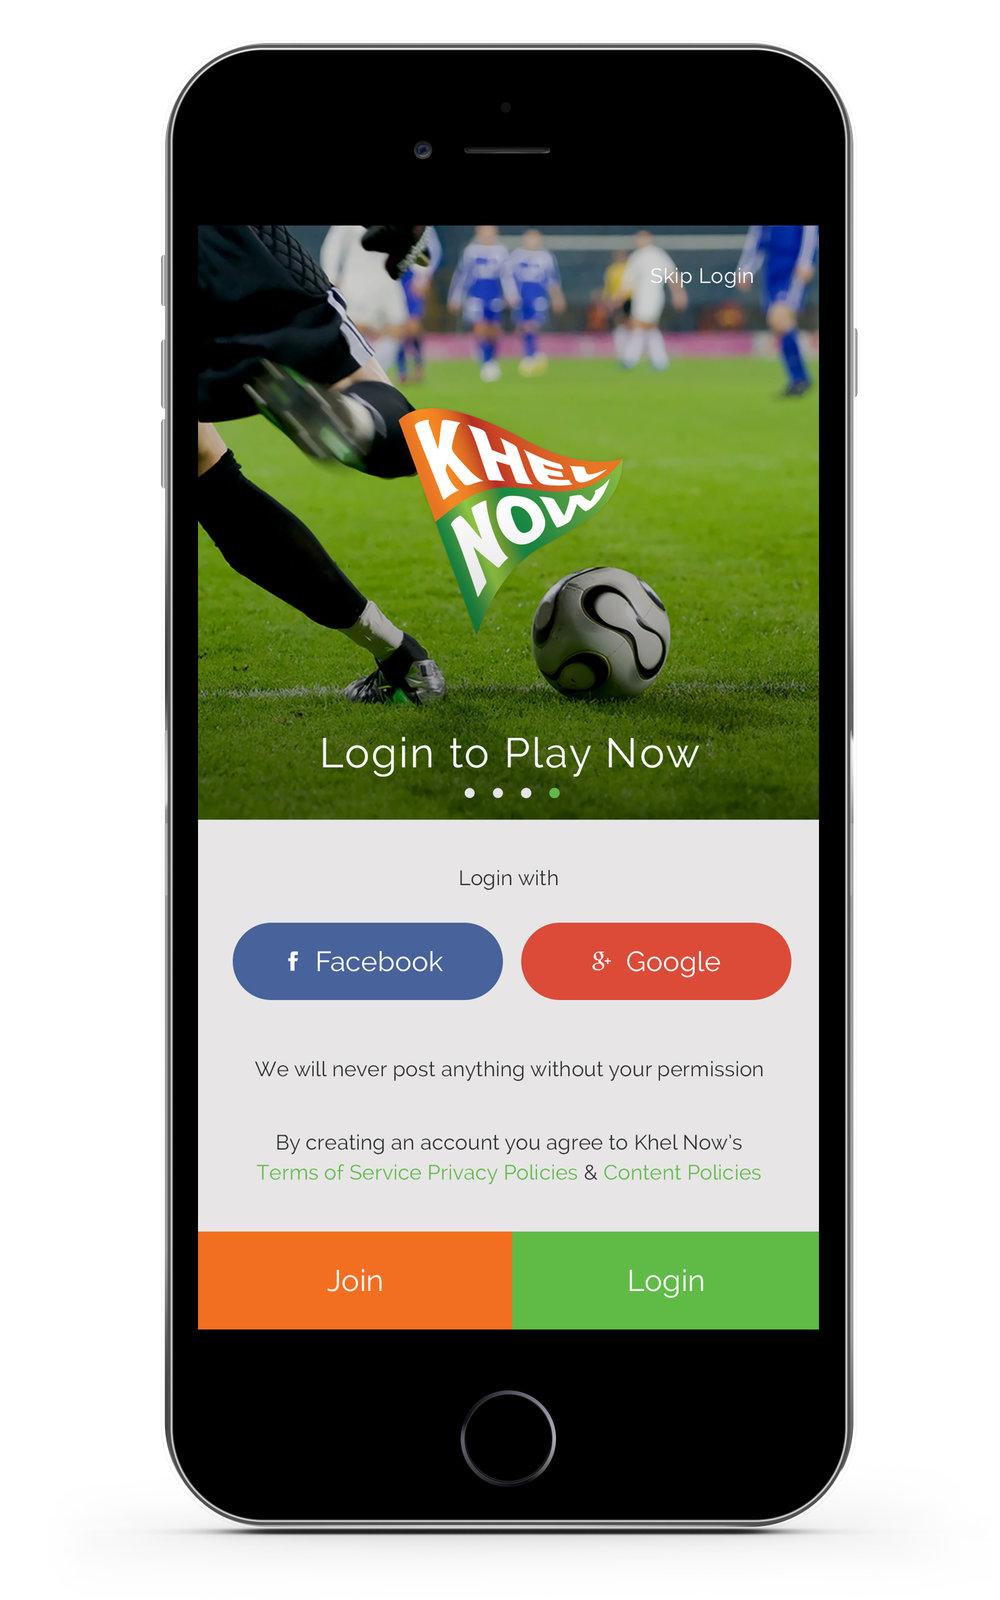 KhelNow_MobileApp_mockup-4.jpg